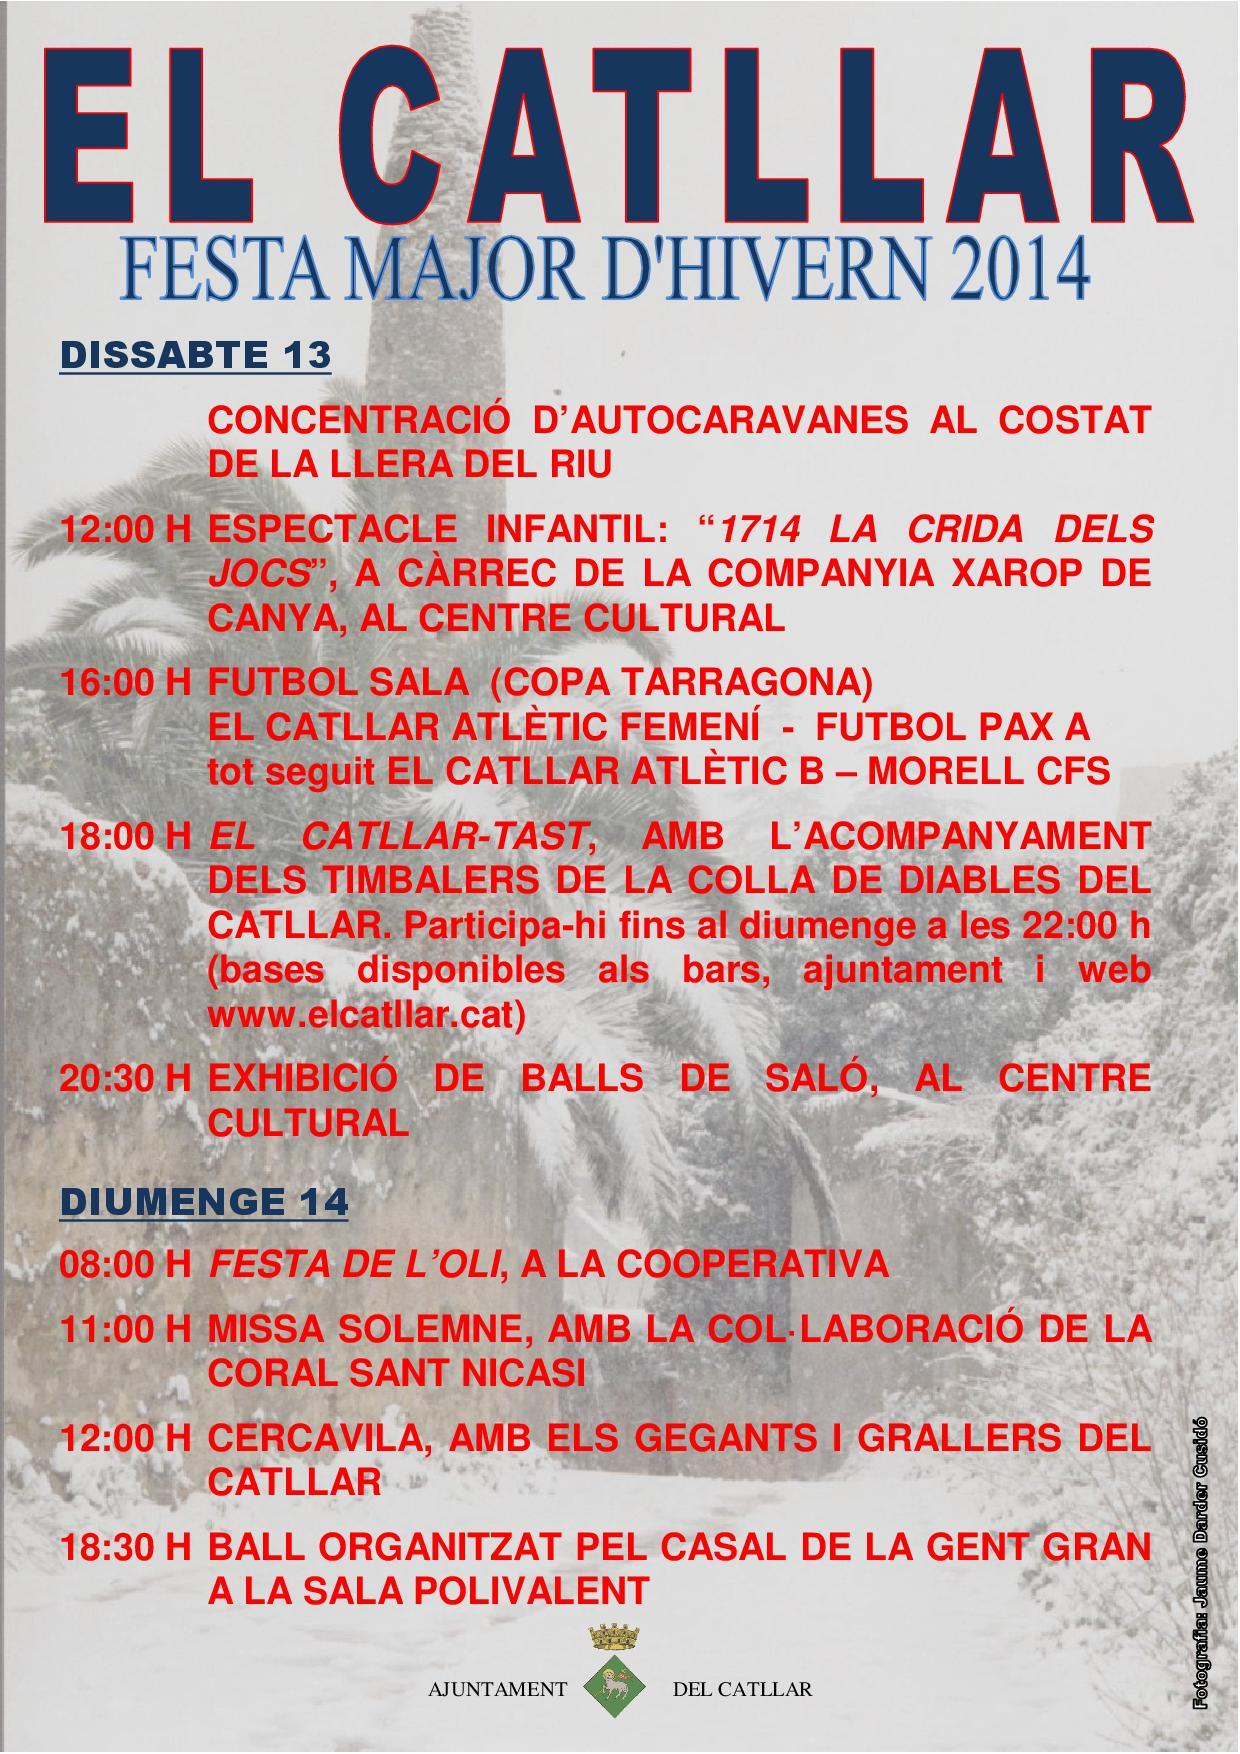 FIESTA MAYOR DE INVIERNO 2014